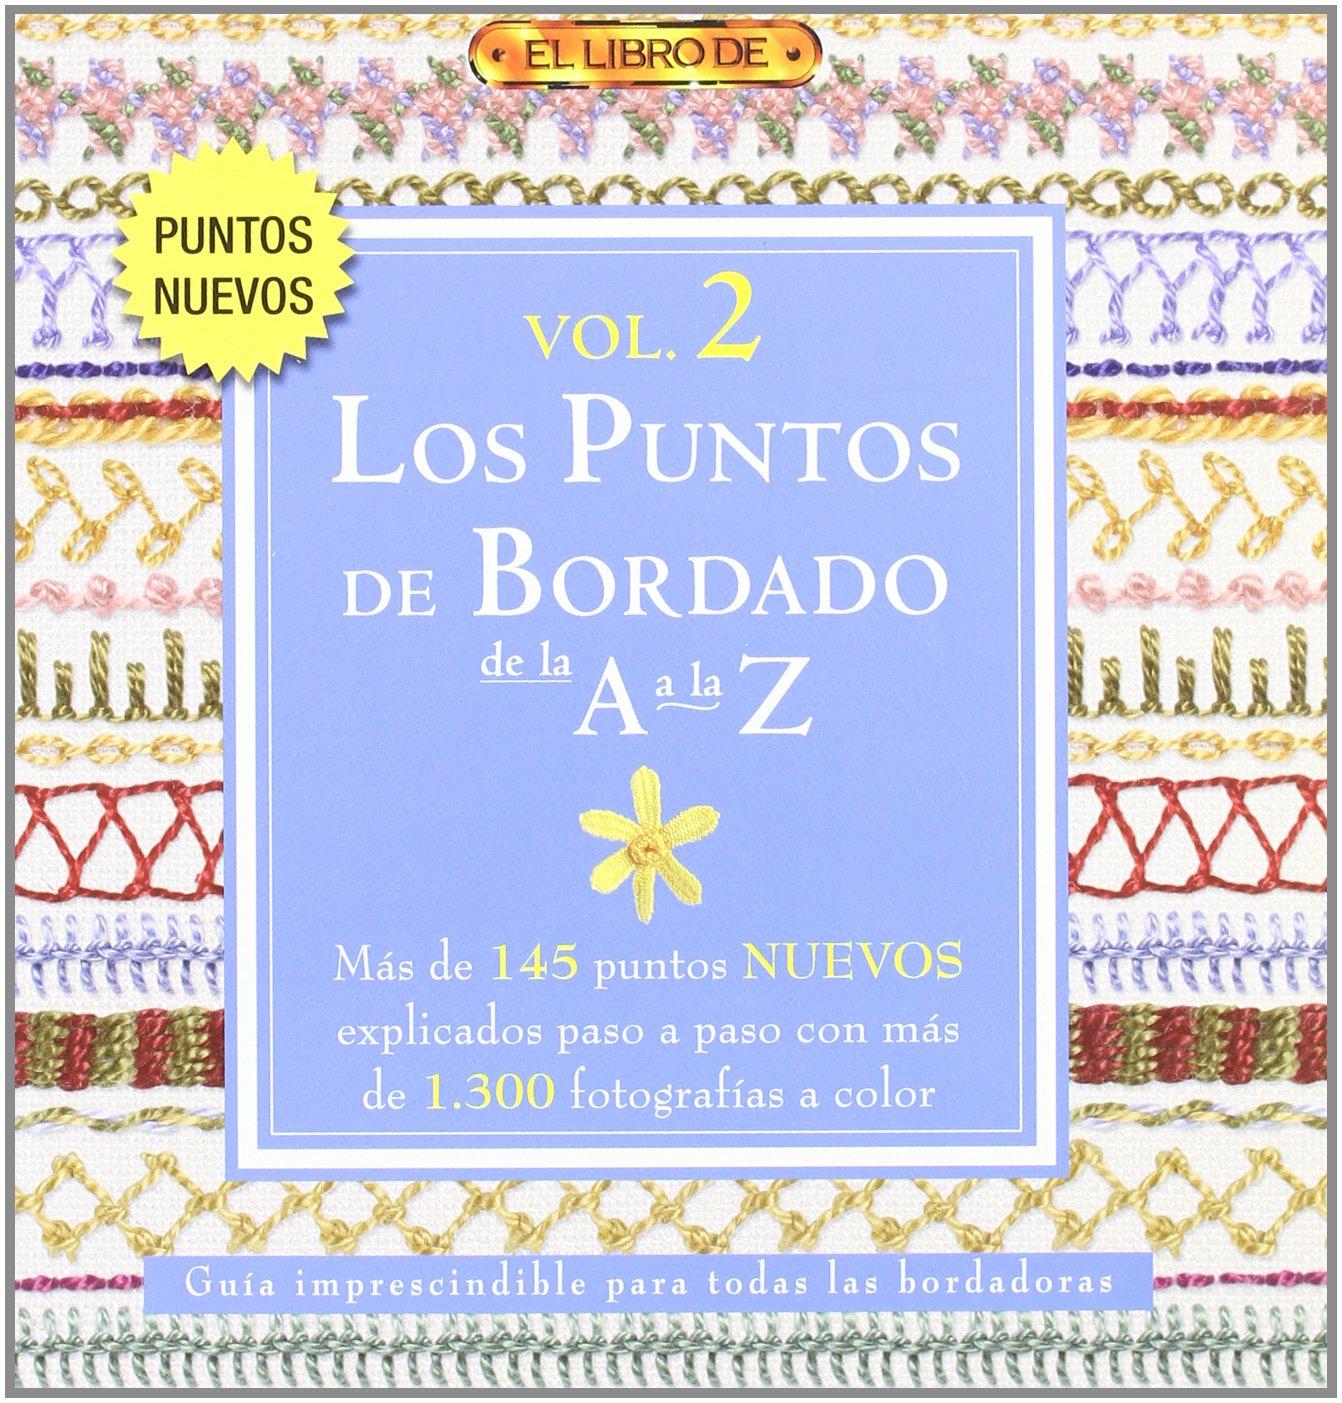 """LOS PUNTOS DE BORDADO DE LA A A LA Z VOL. 2 El Libro De..: Amazon.es:  """"VV.AA"""", Ana María Aznar: Libros"""